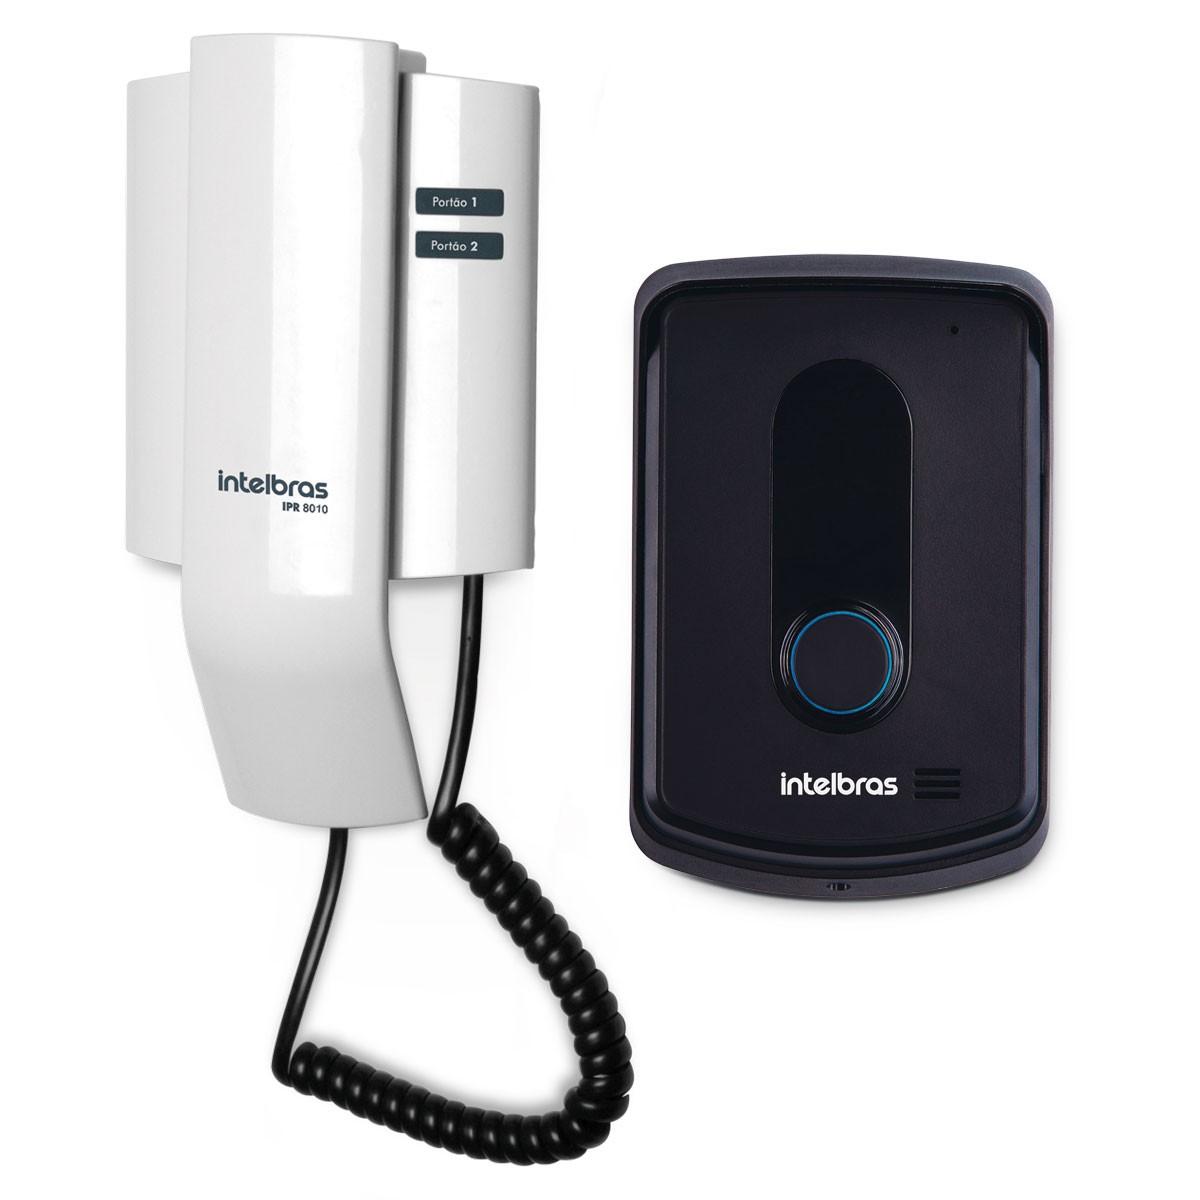 porteiro-interfone-eletronico-ipr-8010-residencial-intelbras-abre-ate-2-fechaduras-superior-ao-ipr-8000